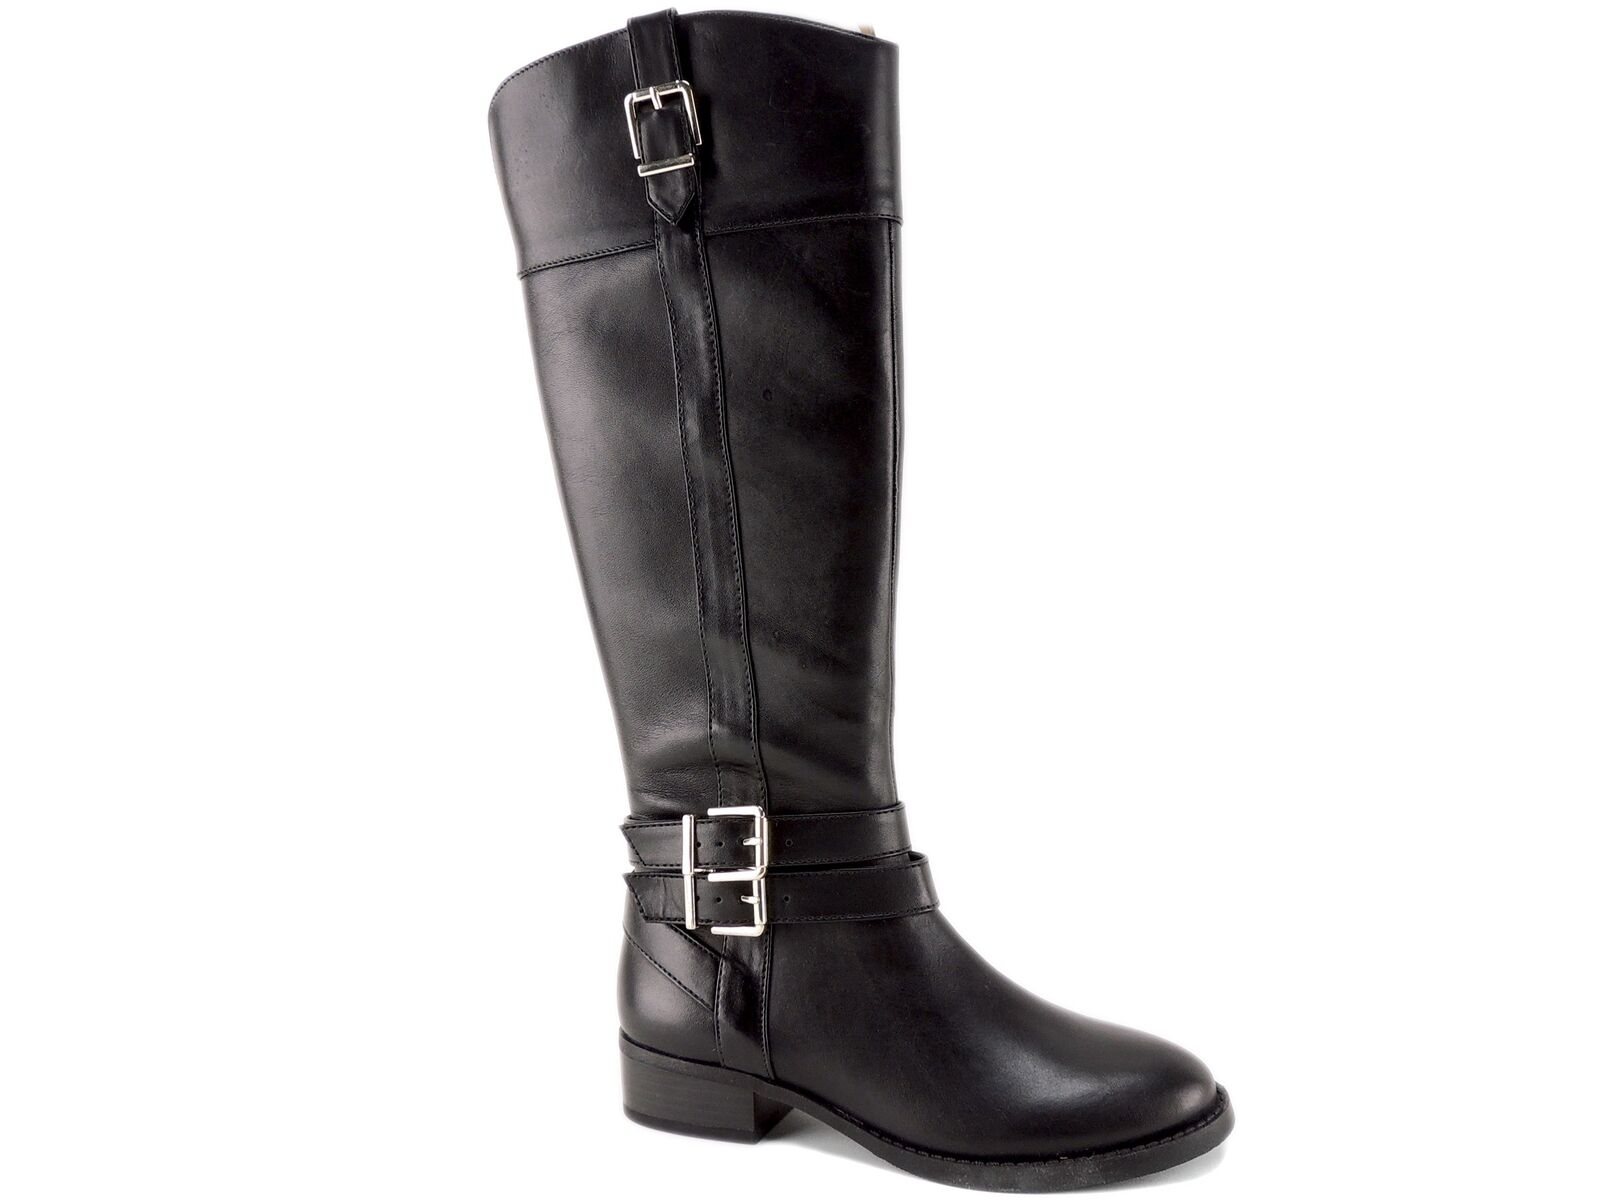 il prezzo più basso INC International Concepts Donna  Frankii Frankii Frankii Riding stivali nero Leather Dimensione 5 M  autentico